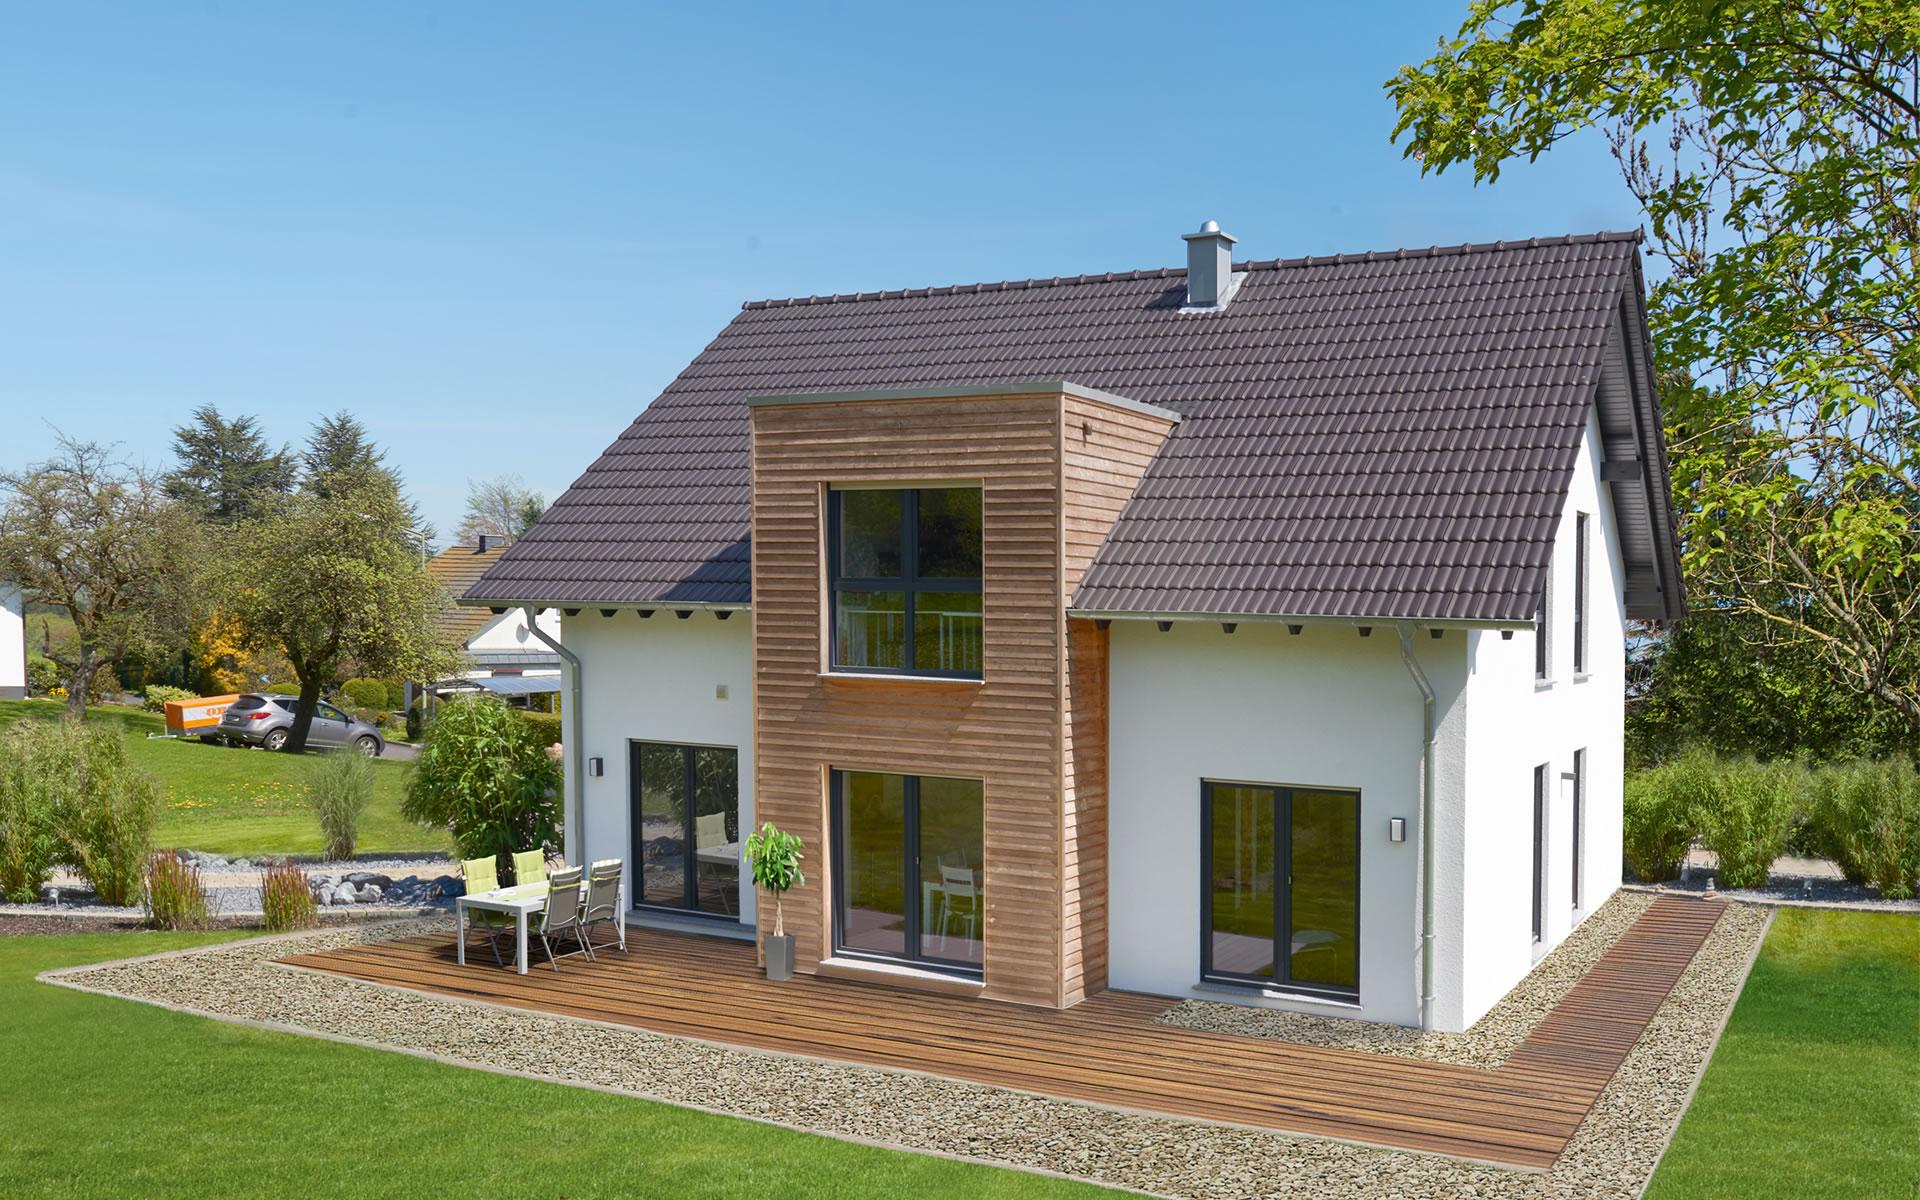 Socca von Fingerhut Haus GmbH & Co. KG